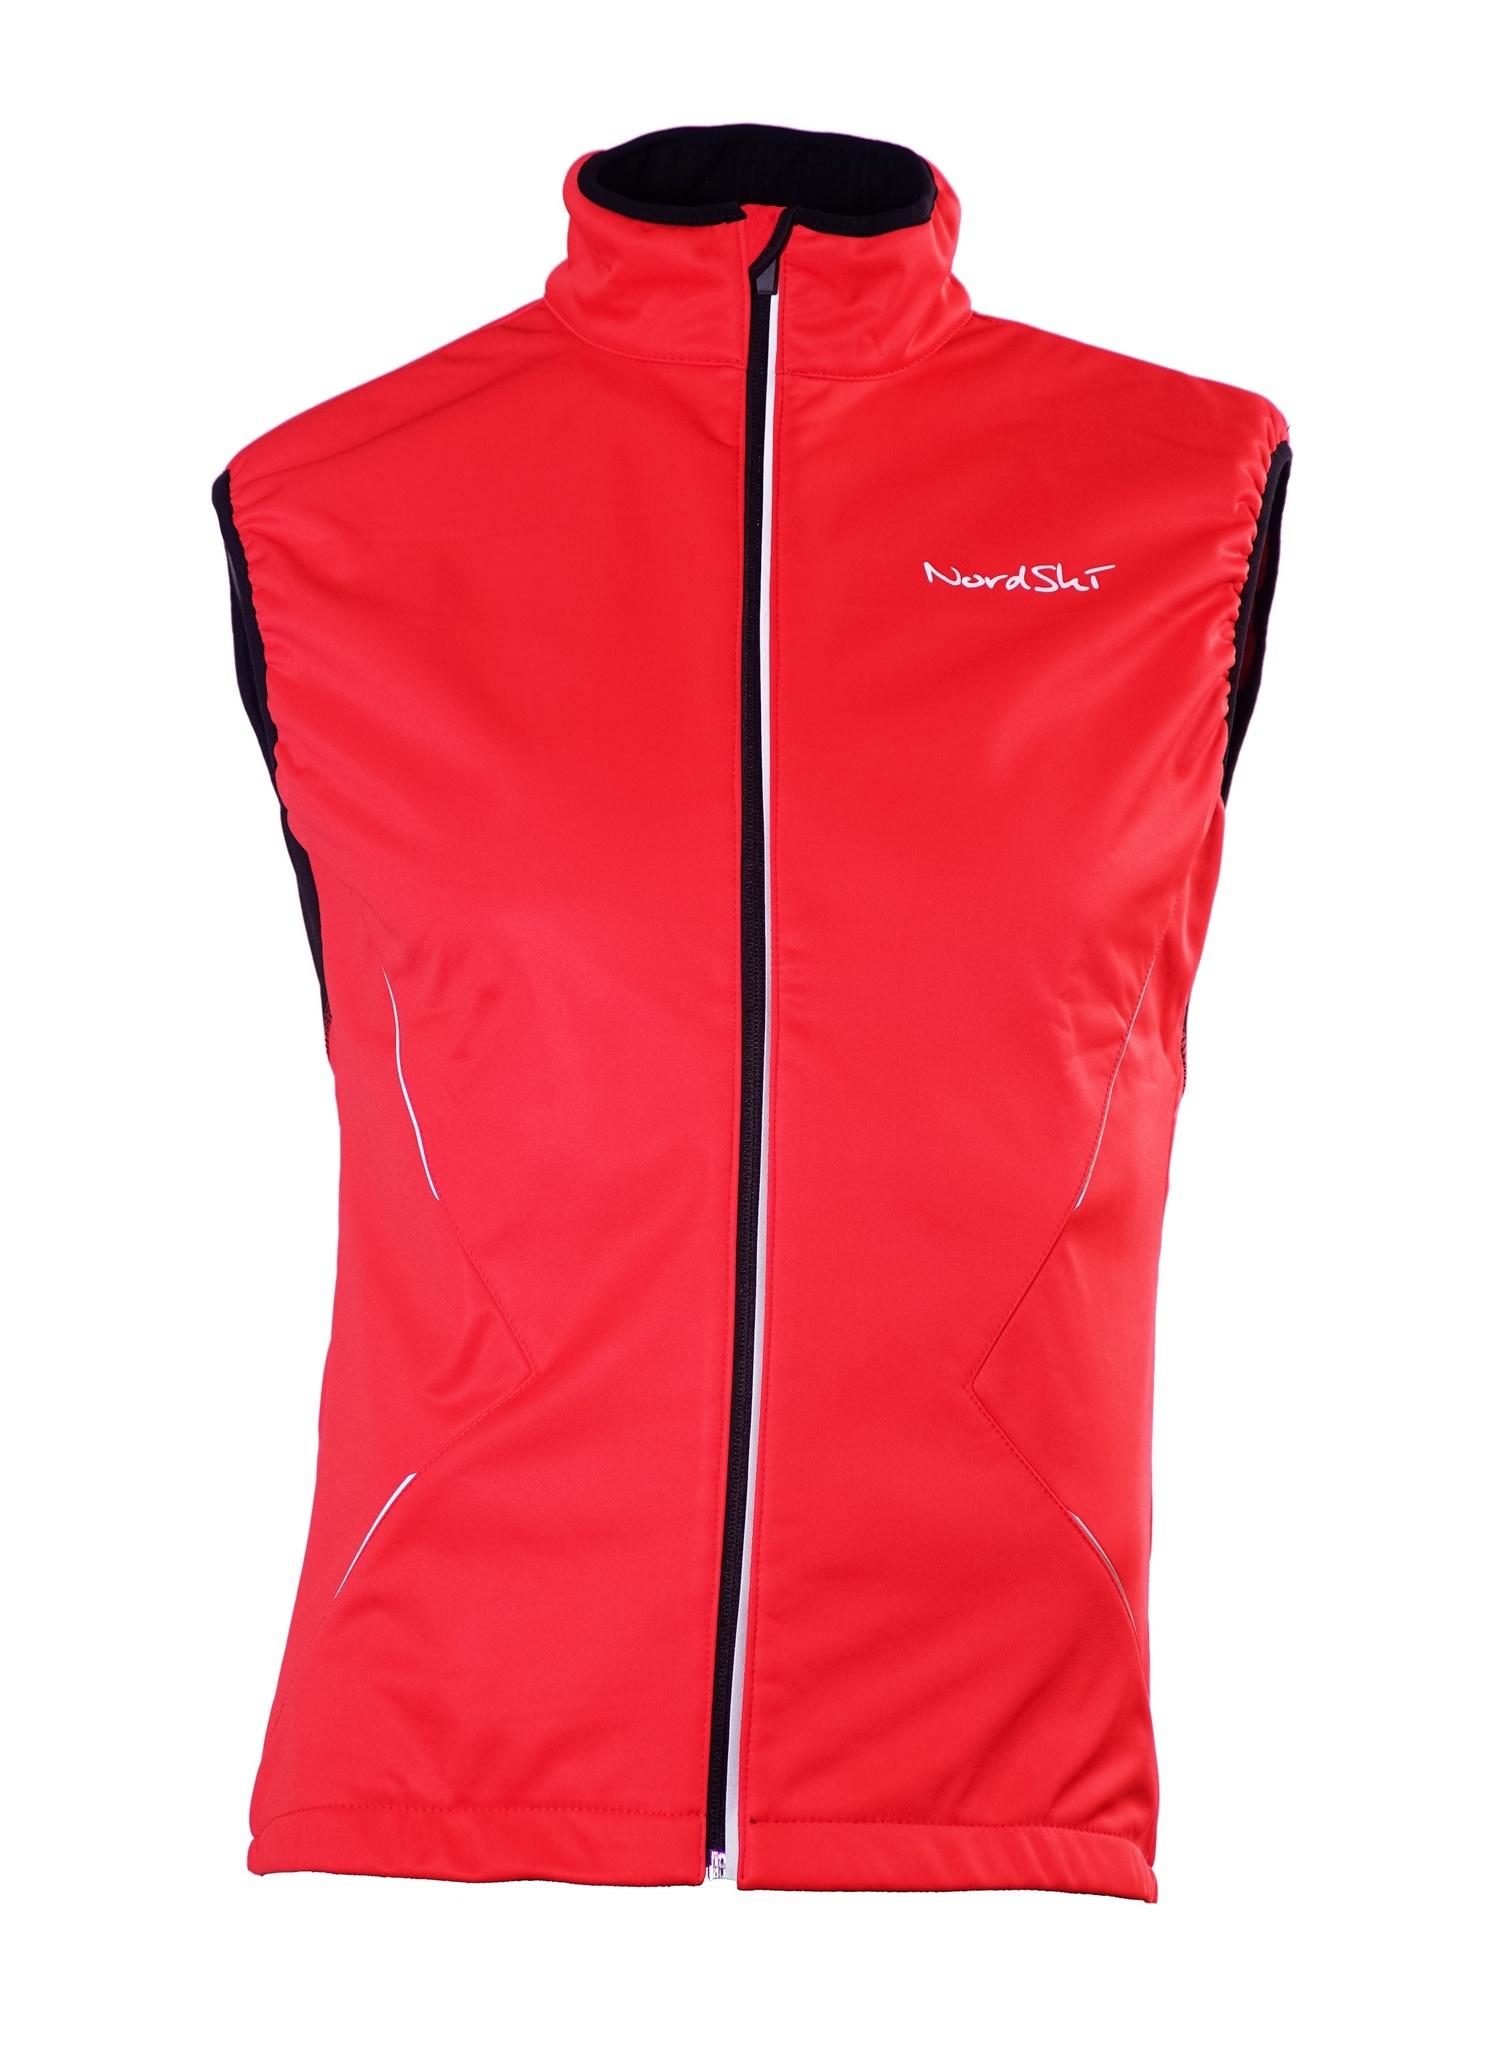 Детский лыжный жилет Nordski Premium (NSJ312900) красный